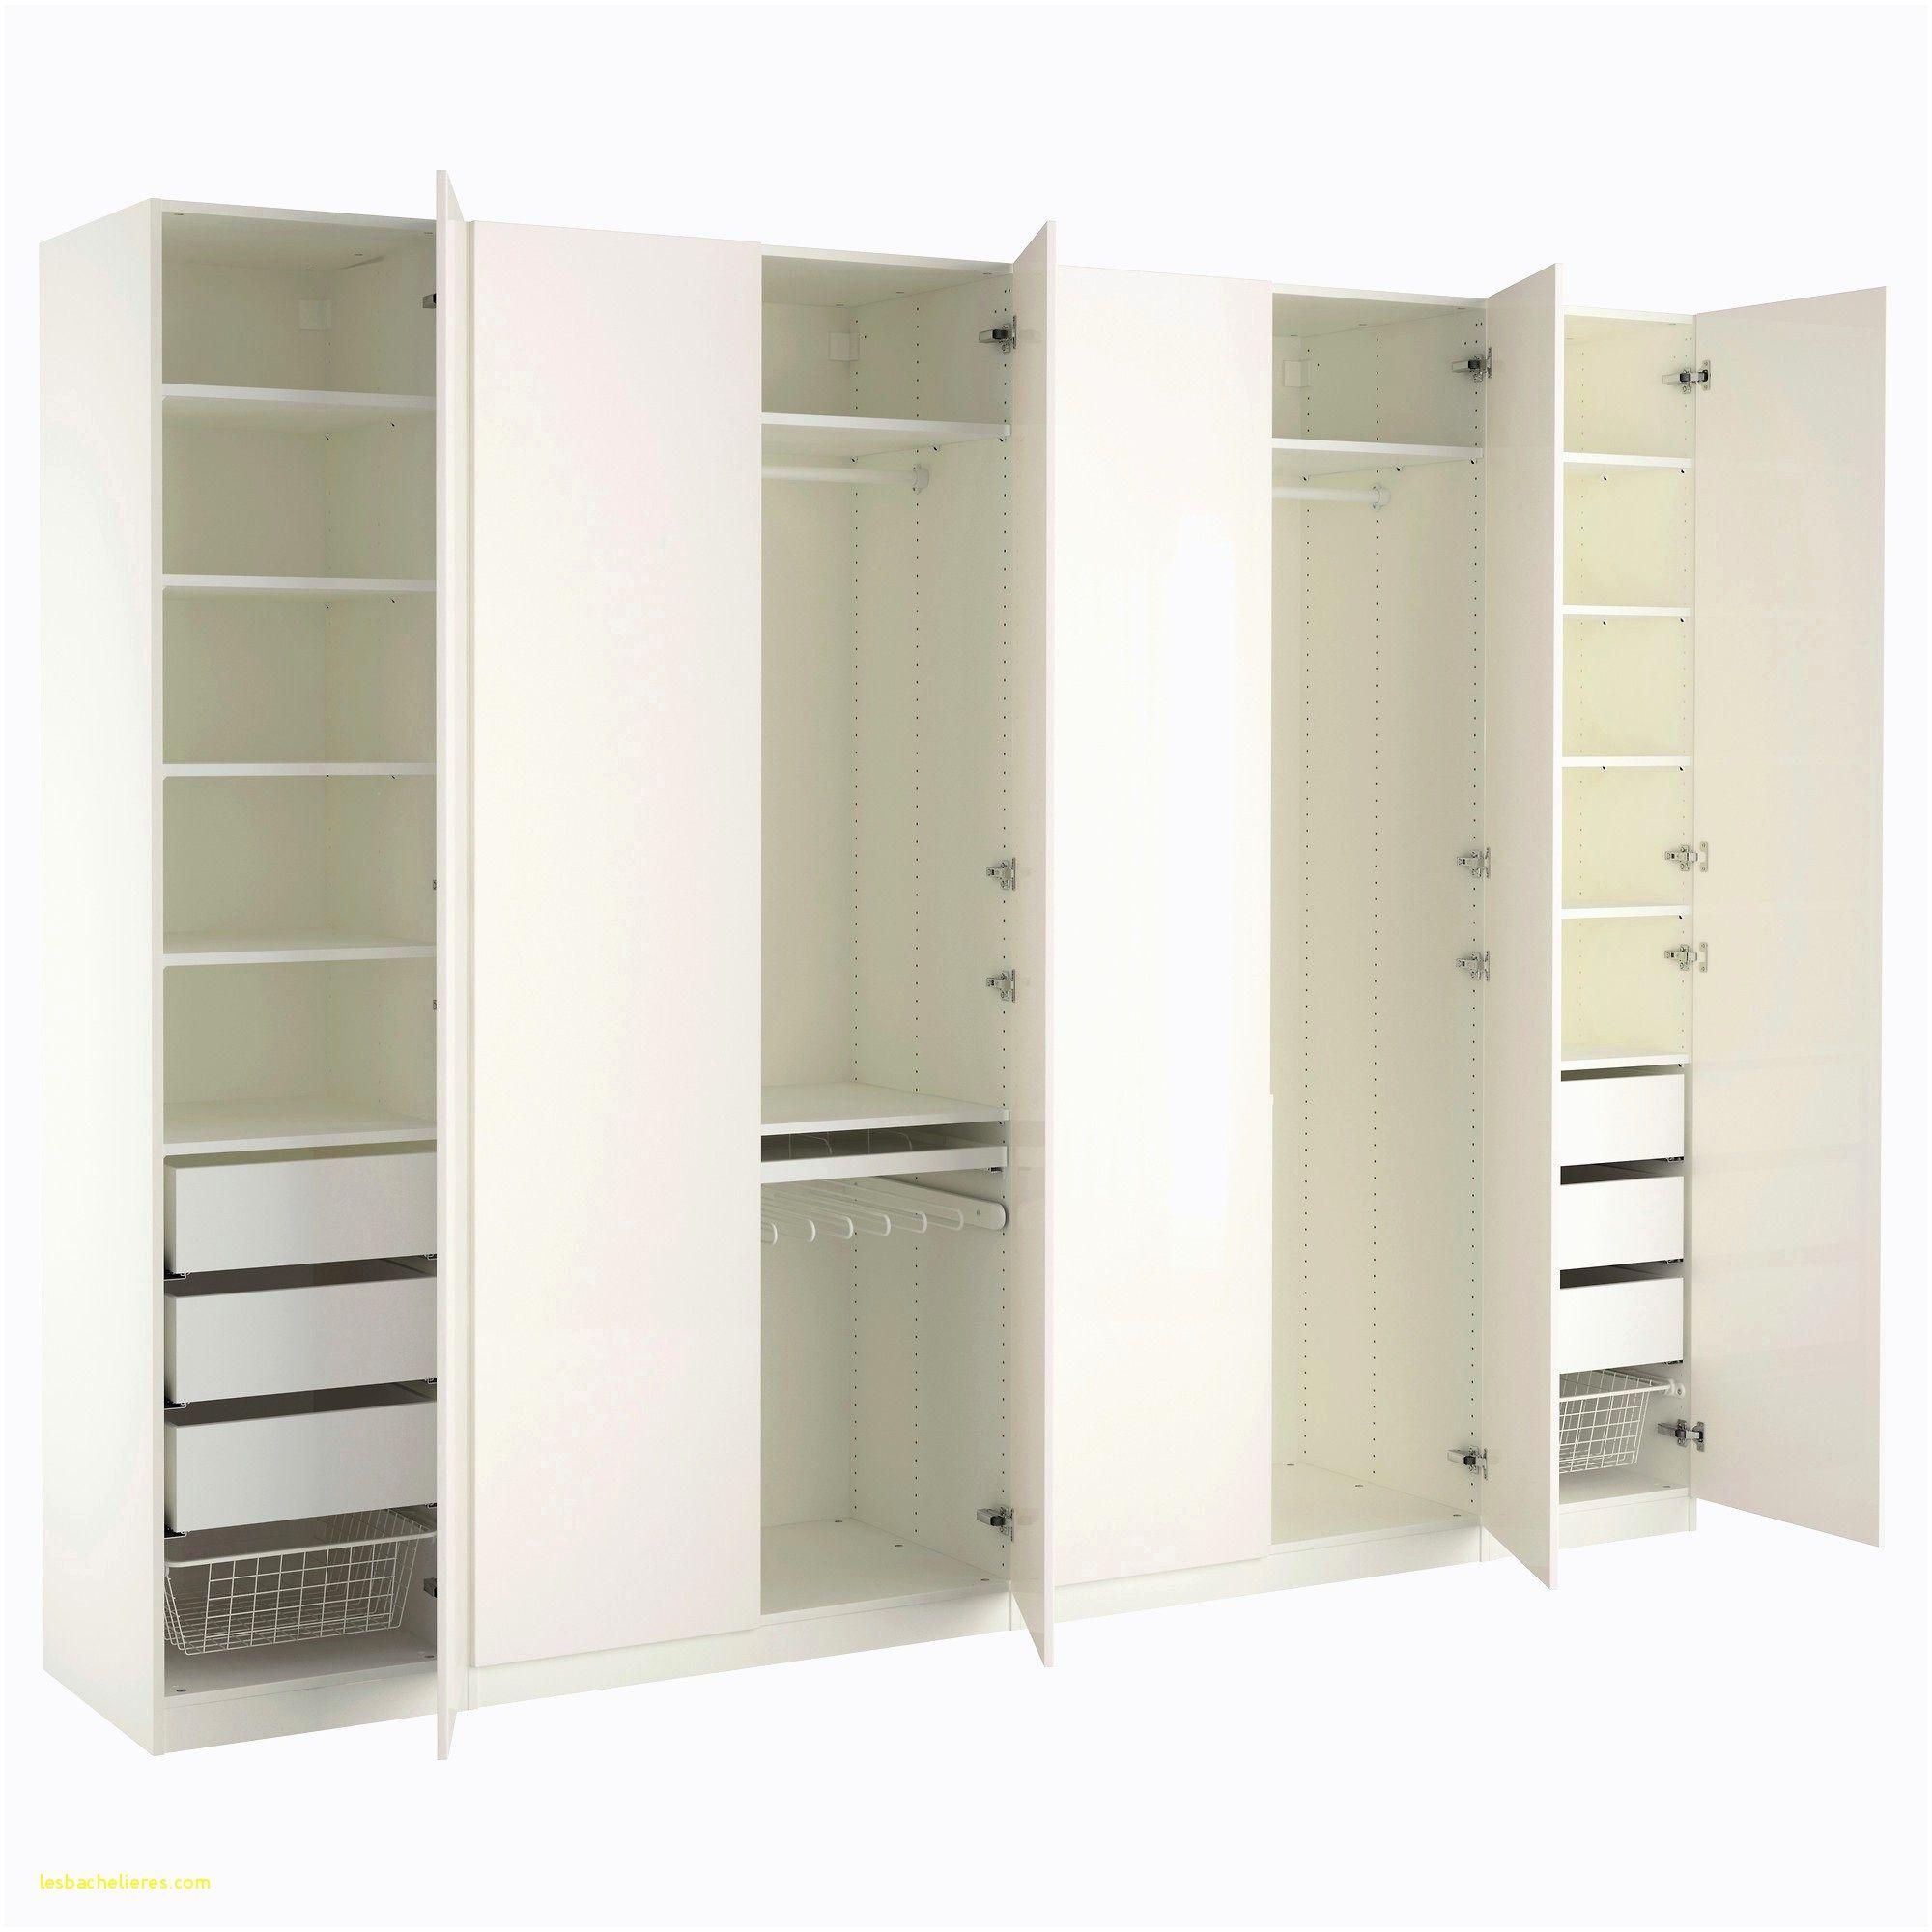 Meuble Cuisine 20 Cm Largeur Ikea Gallery Etagere Dressing Meuble Haut Meubles De Rangement